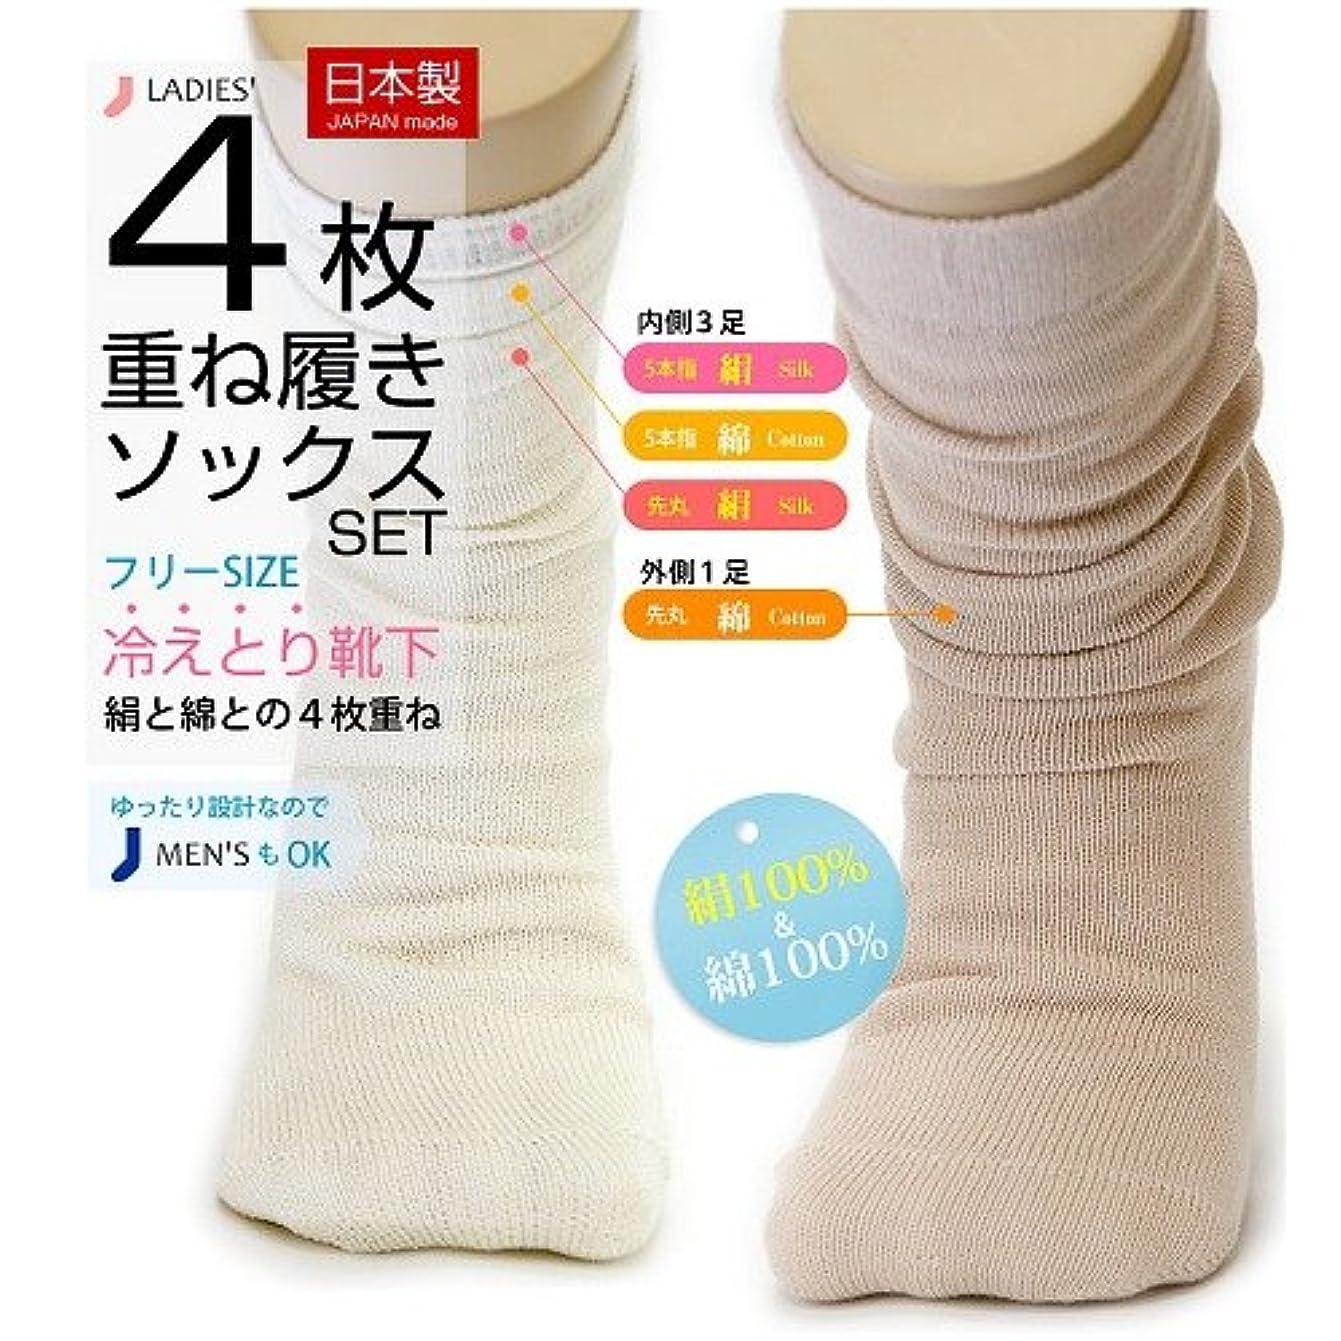 信念鮫哲学博士冷え取り靴下 綿100%とシルク100% 最高級の日本製 4枚重ねばきセット(外側チャコール)